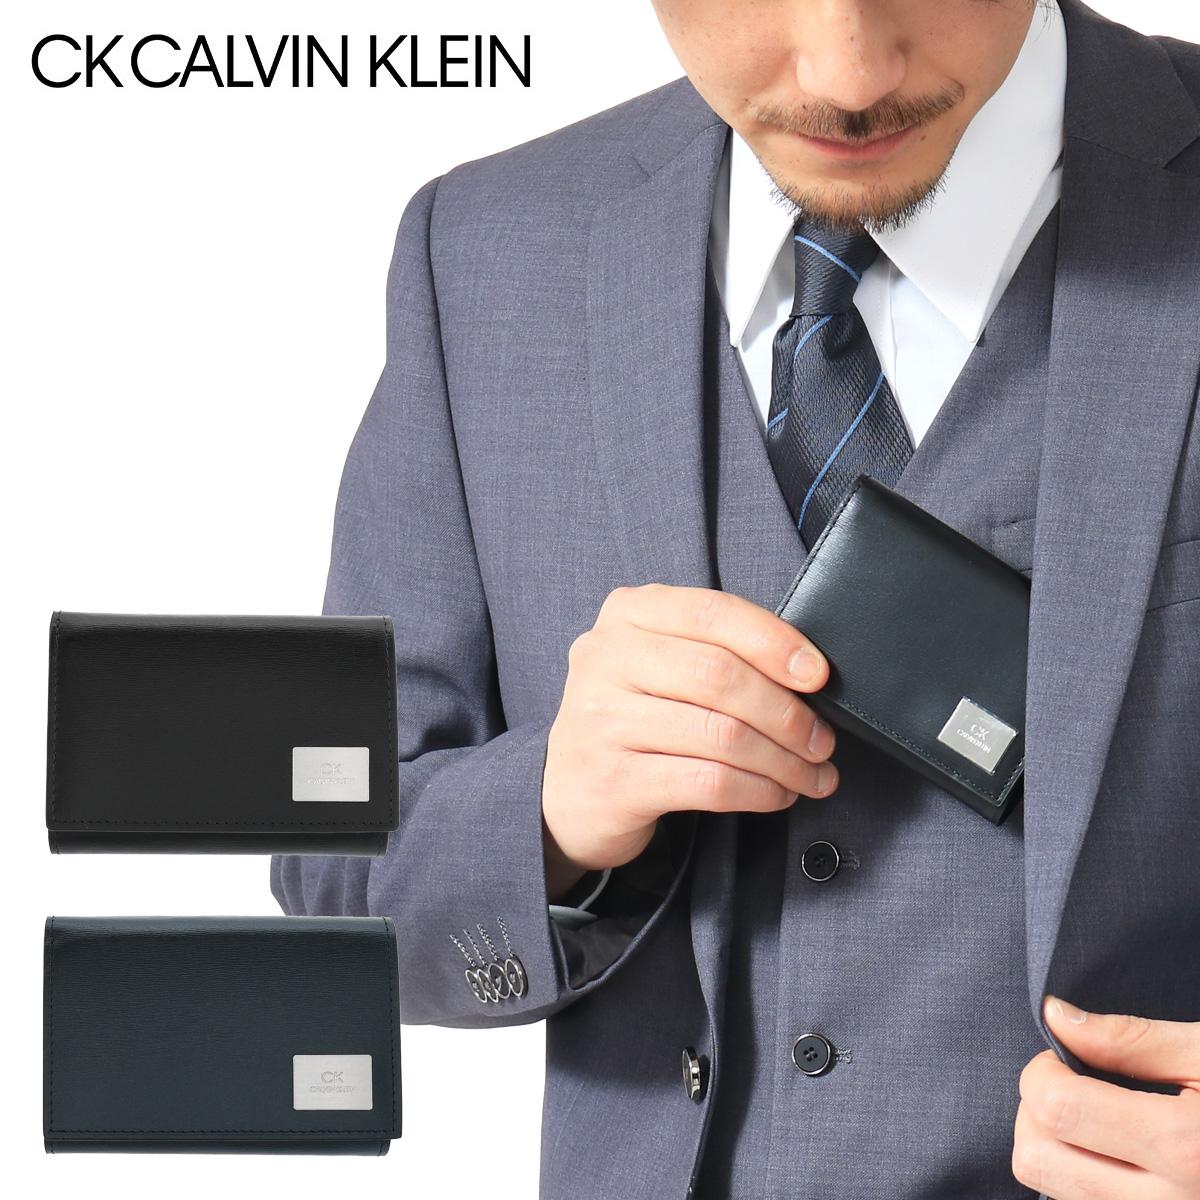 シーケー カルバンクライン 三つ折り財布 レジンII メンズ 345156 CK CALVIN KLEIN | 当社限定 WEB限定 別注モデル ミニ財布 コンパクト 牛革 本革 レザー[PO5][即日発送]